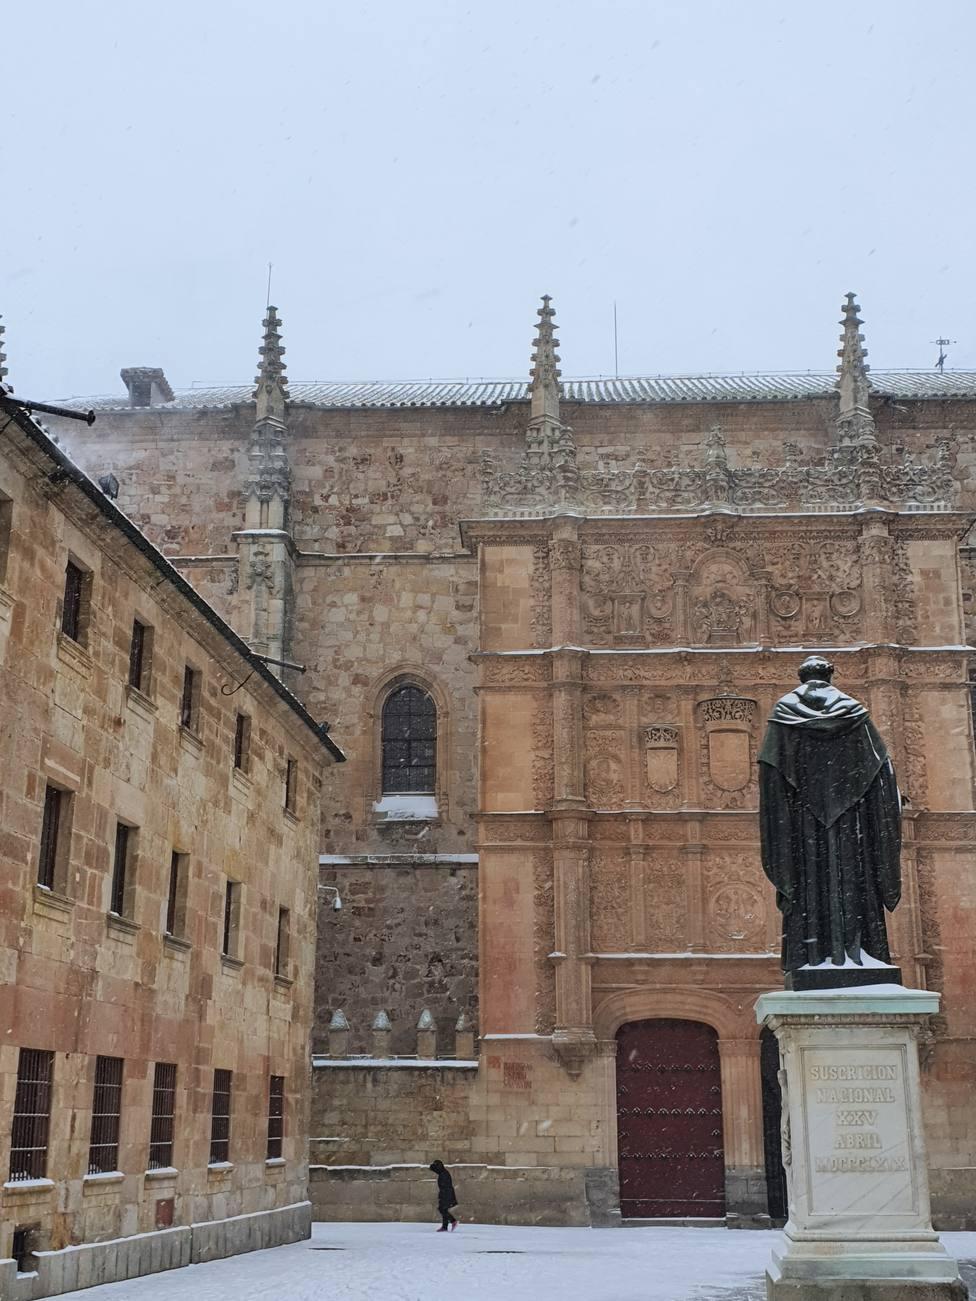 Patio de la Universidad de Salamanca